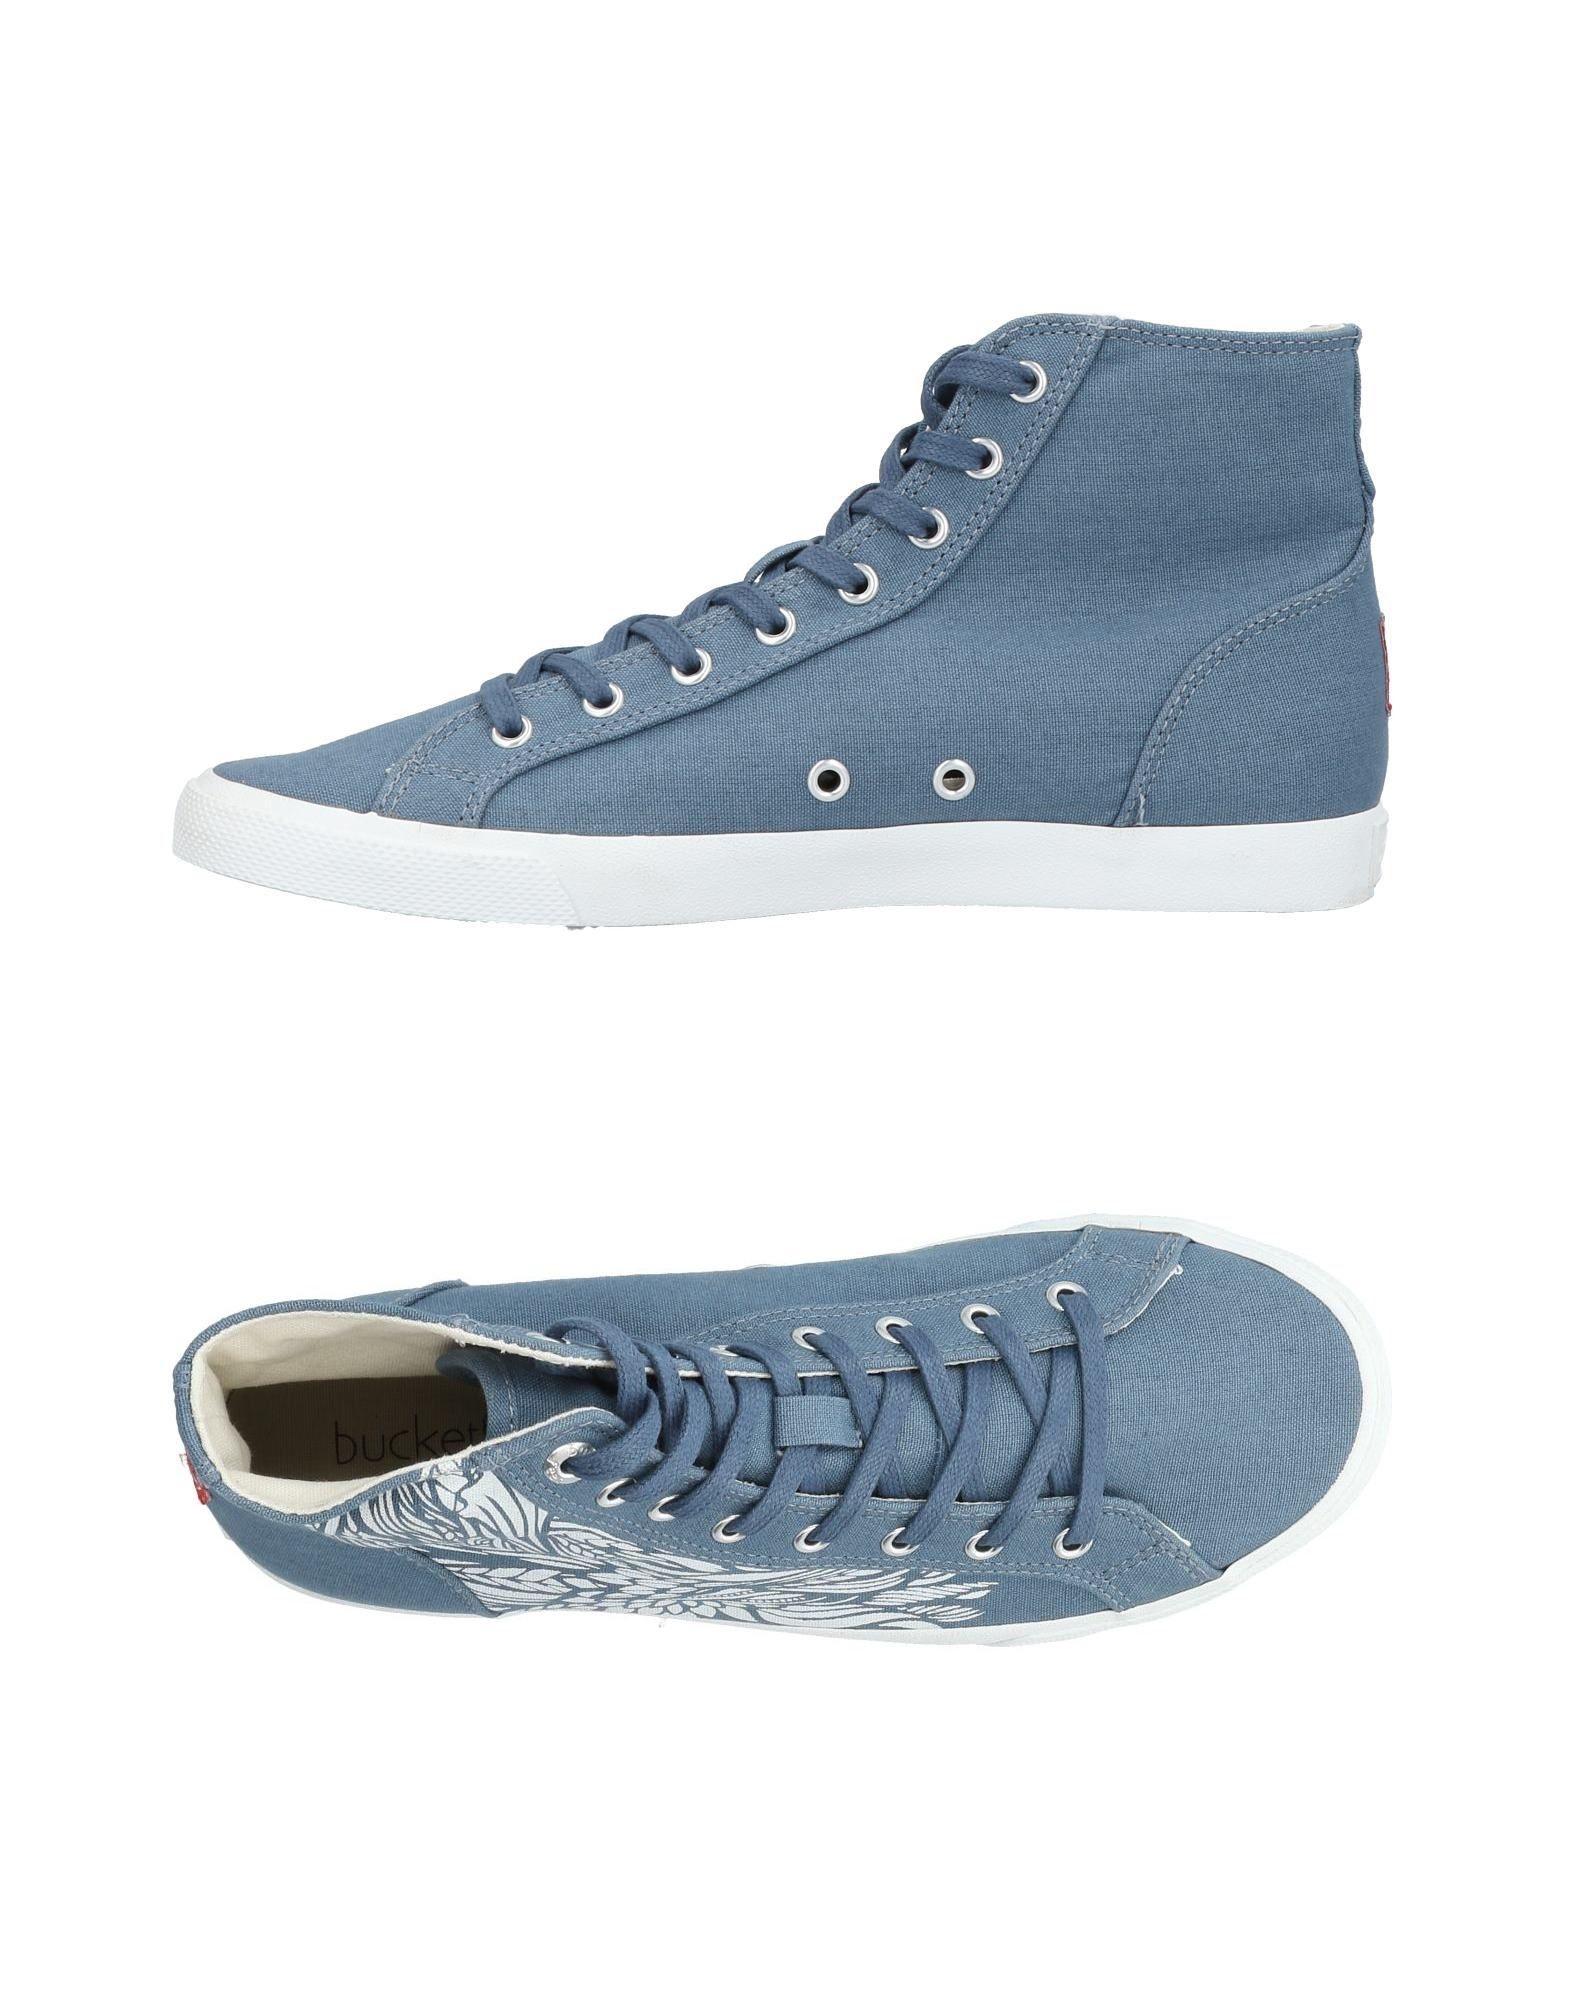 BUCKETFEET Sneakers in Slate Blue